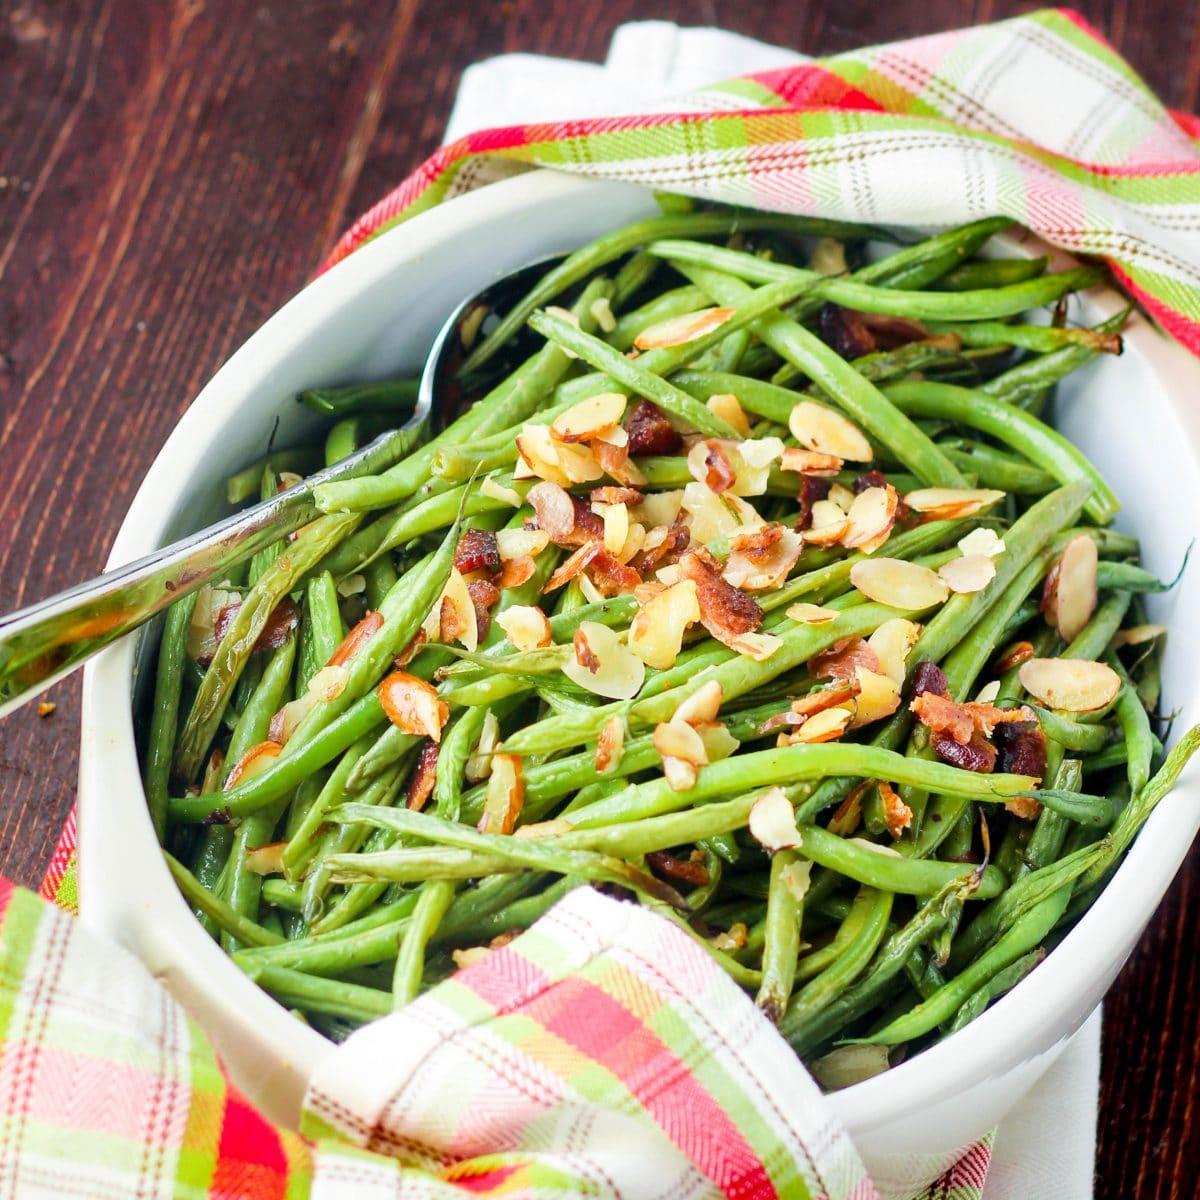 Bacon Green Beans Paleo Recipe via www.hungryhobby.net